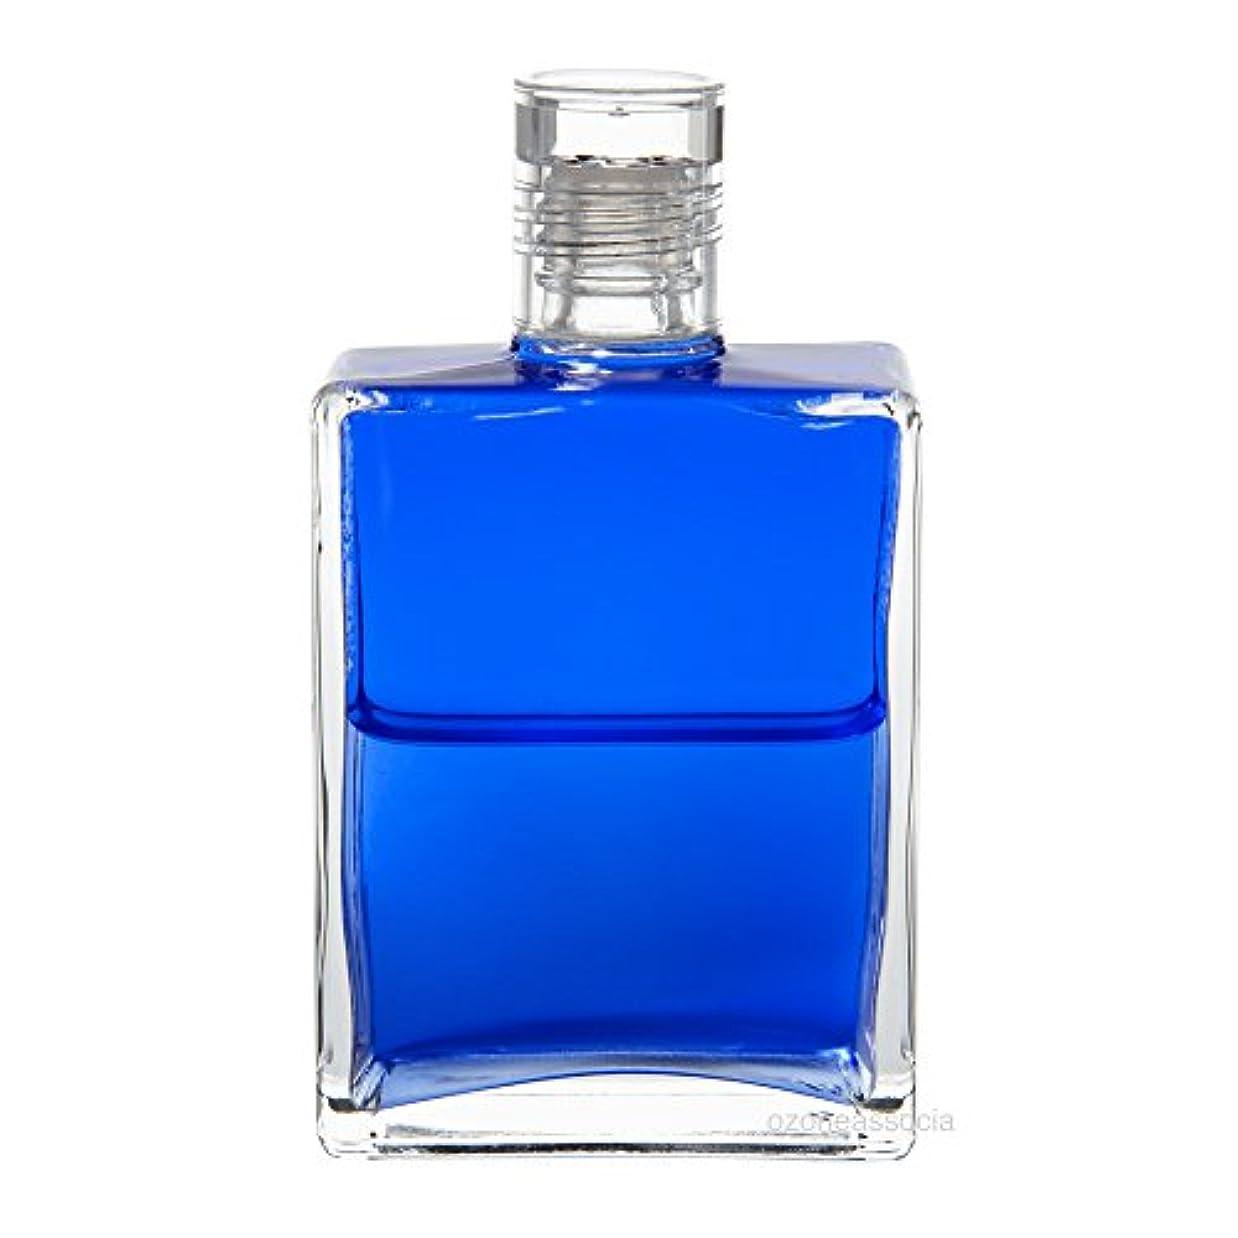 ホーム頭高くオーラソーマ ボトル 2番 ピースイクイリブリアムボトル (ブルー/ブルー) イクイリブリアムボトル50ml